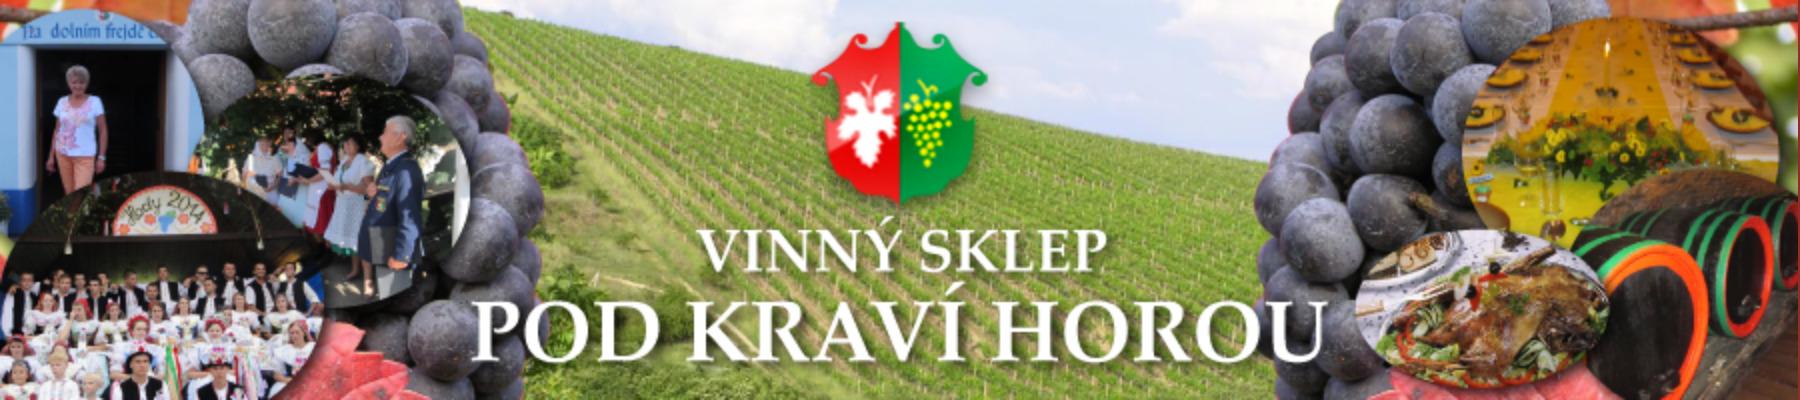 logo firmy Vinný sklípek u Procházků